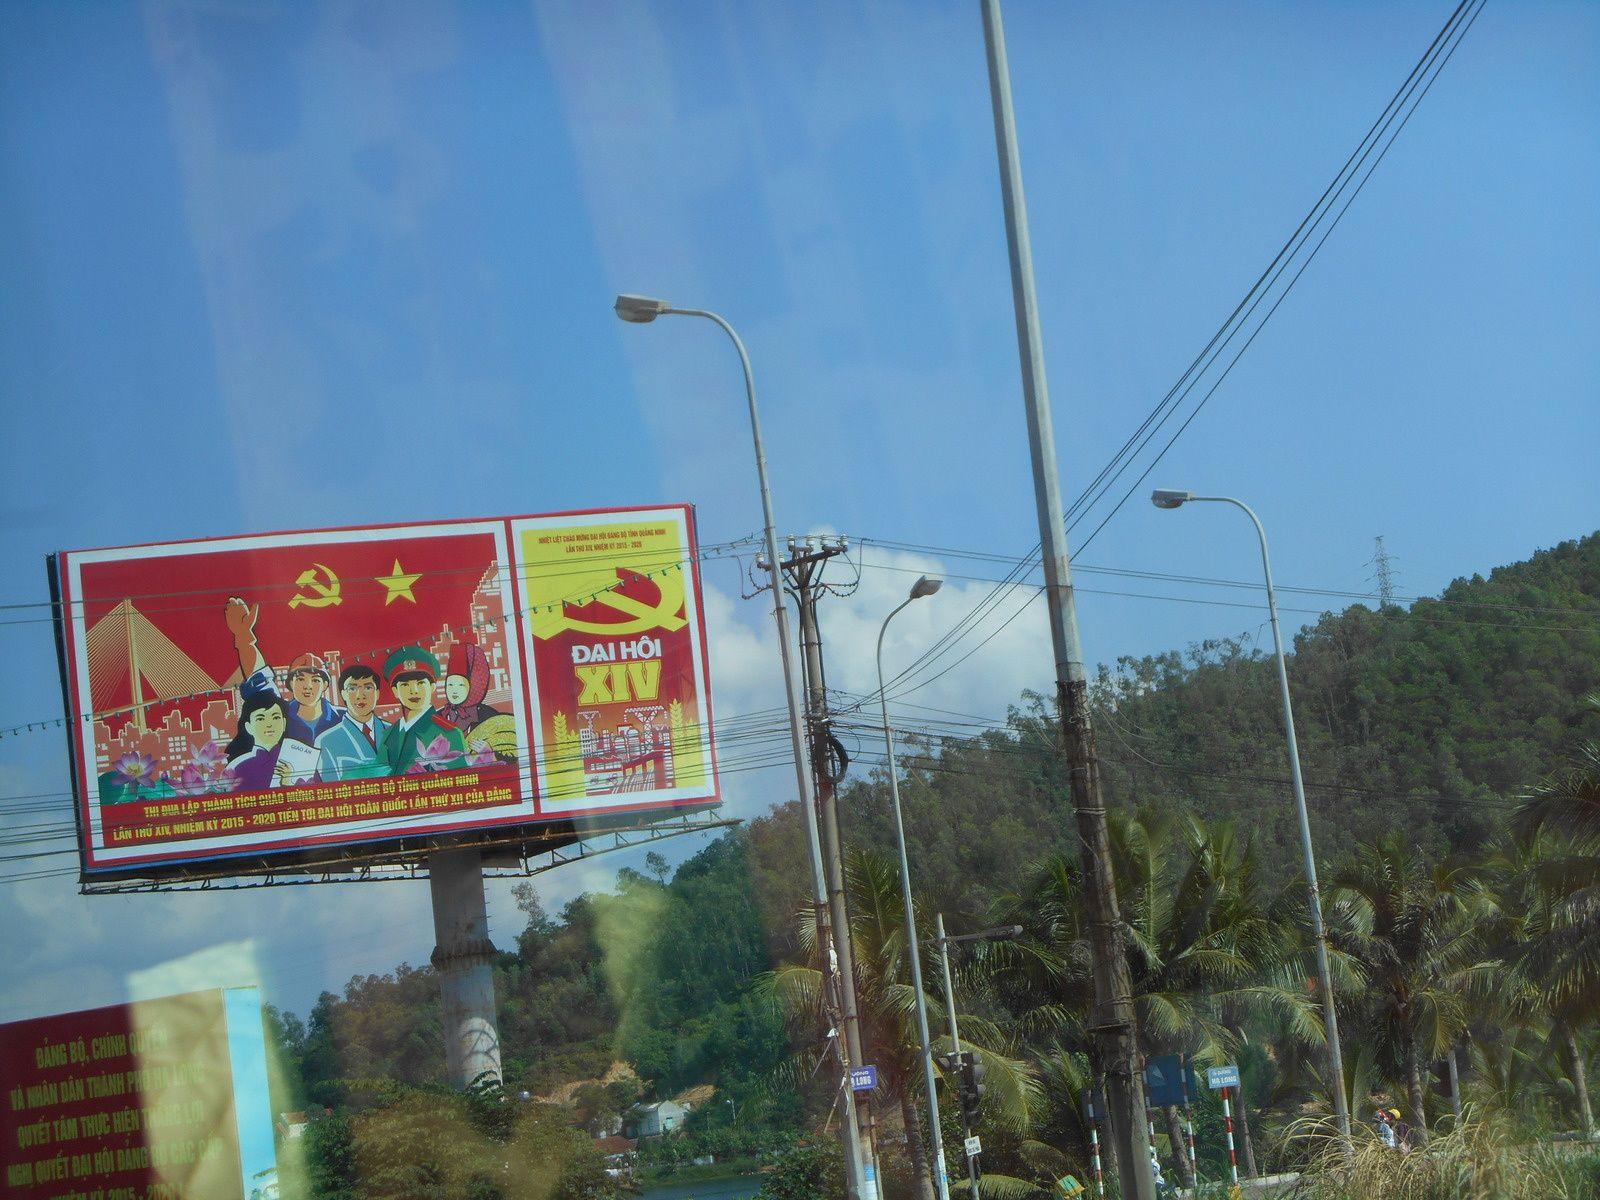 Panneaux publicitaires...mais aussi de propagande.